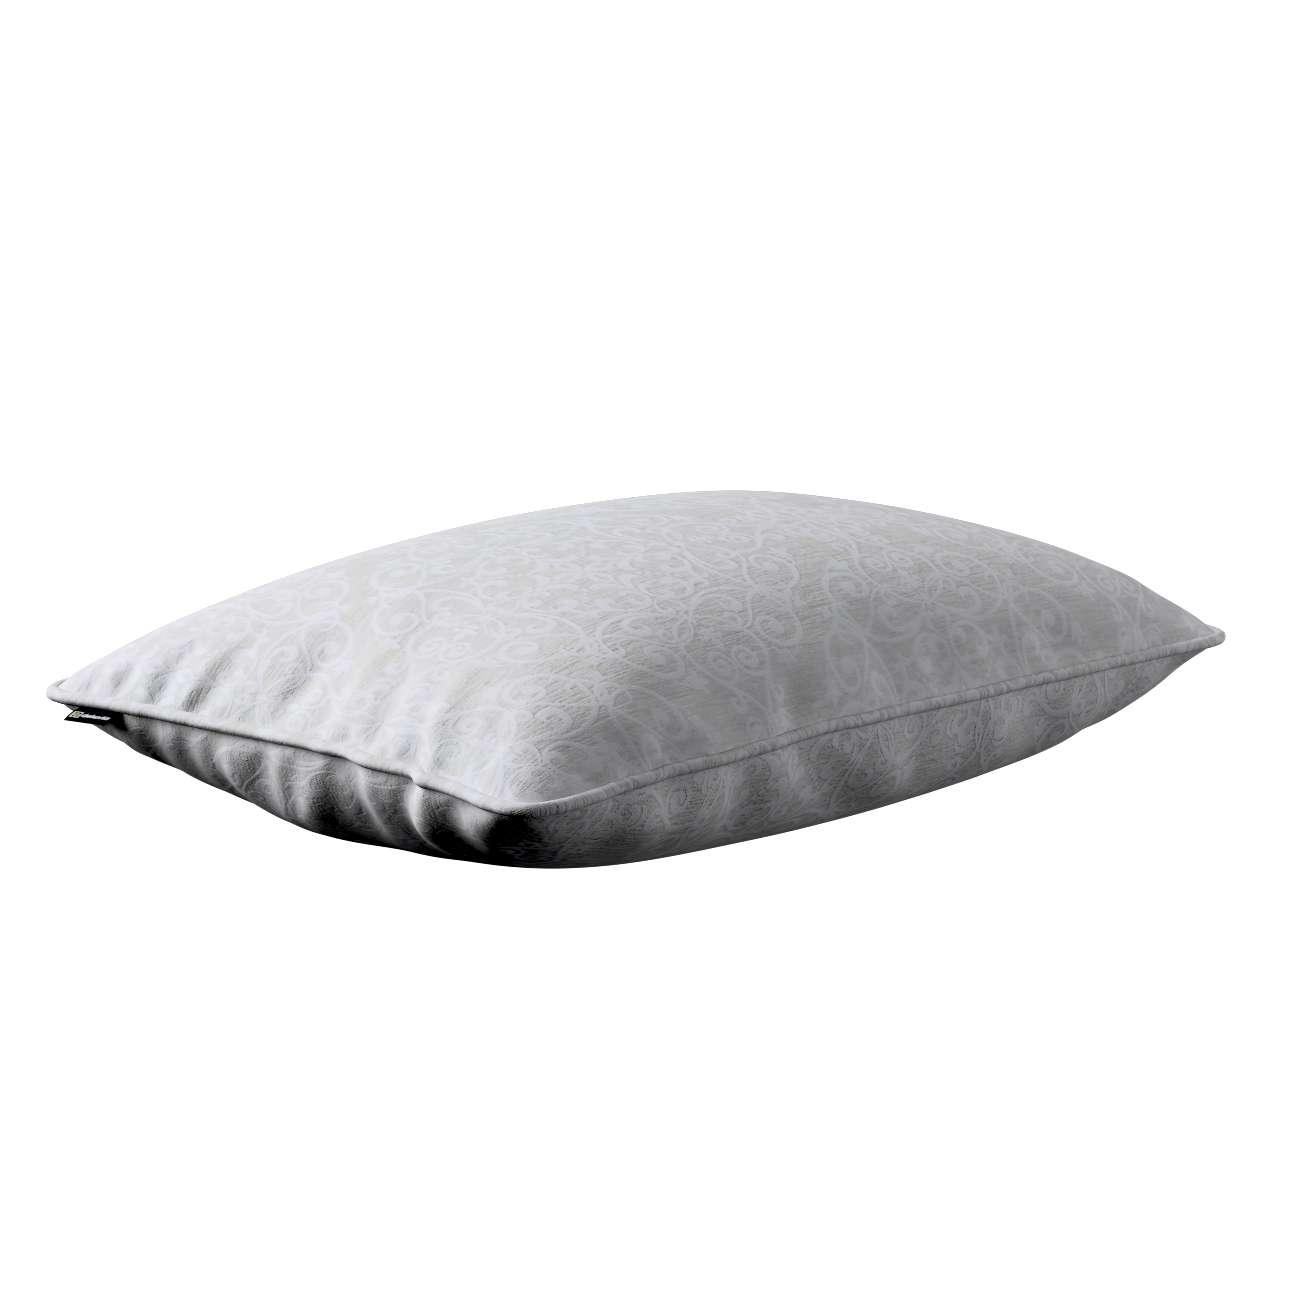 Poszewka Gabi na poduszkę prostokątna 60x40cm w kolekcji Venice, tkanina: 140-49